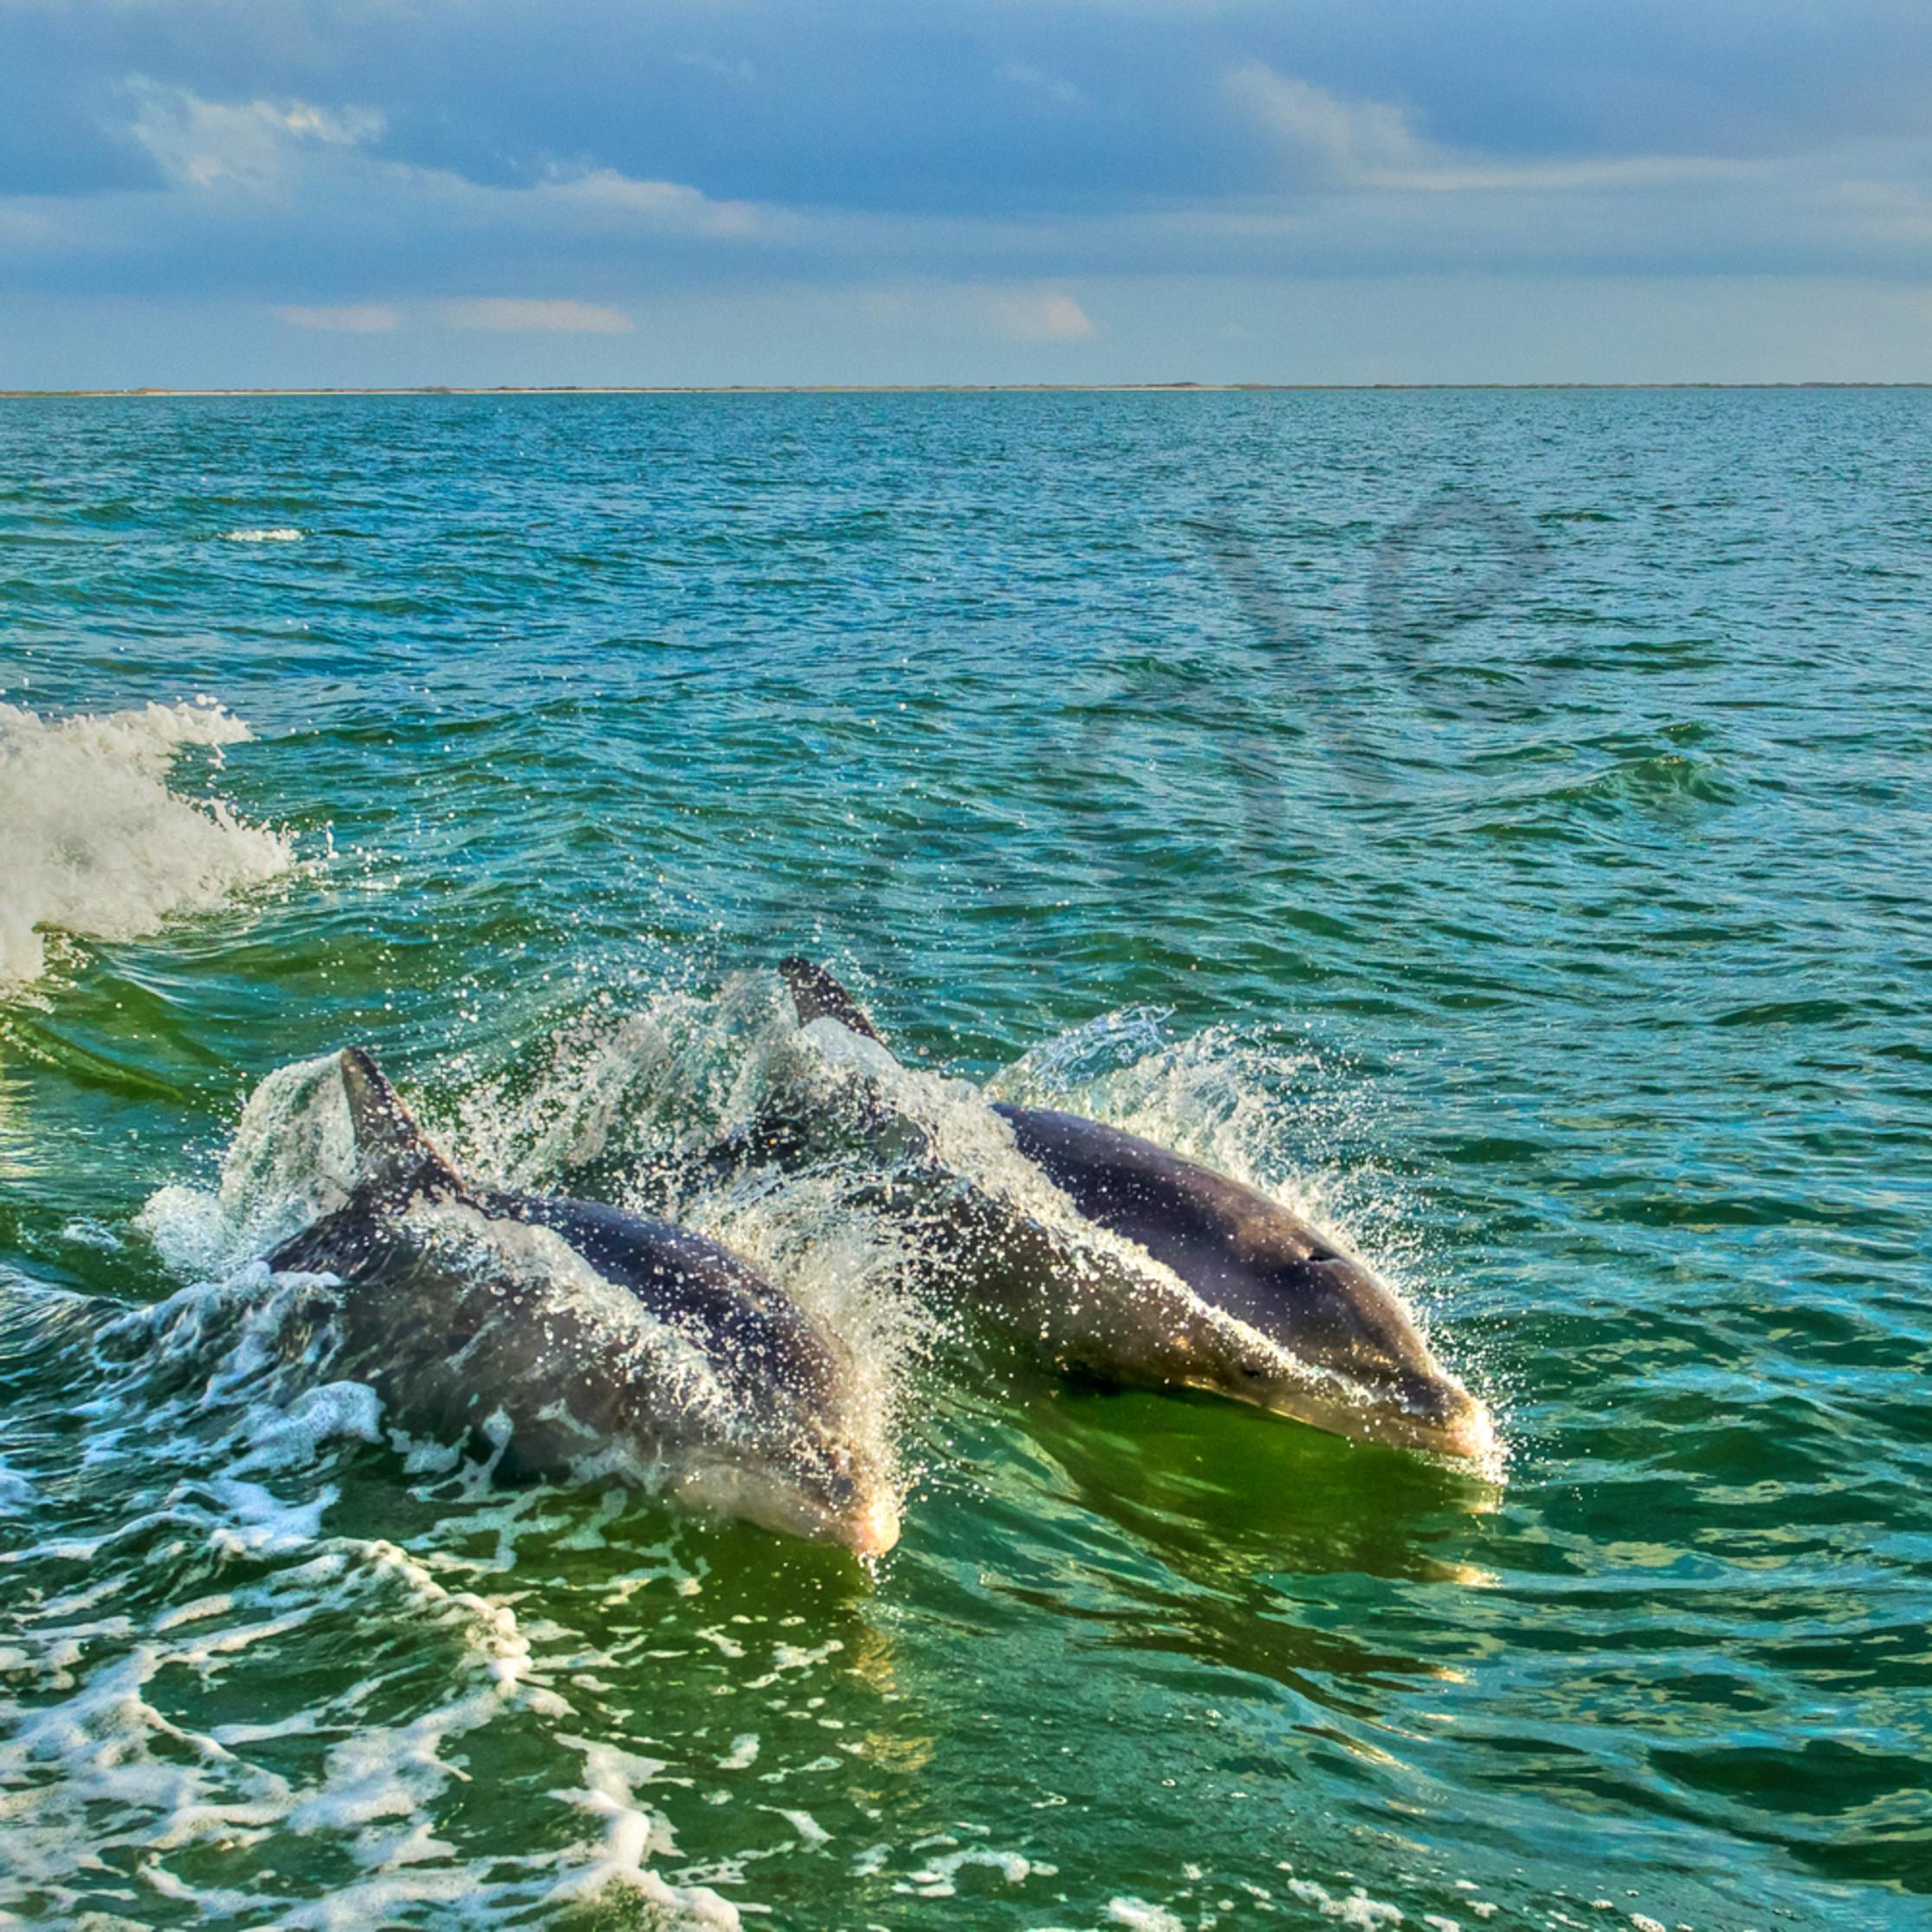 Dolphin duo jo1whe